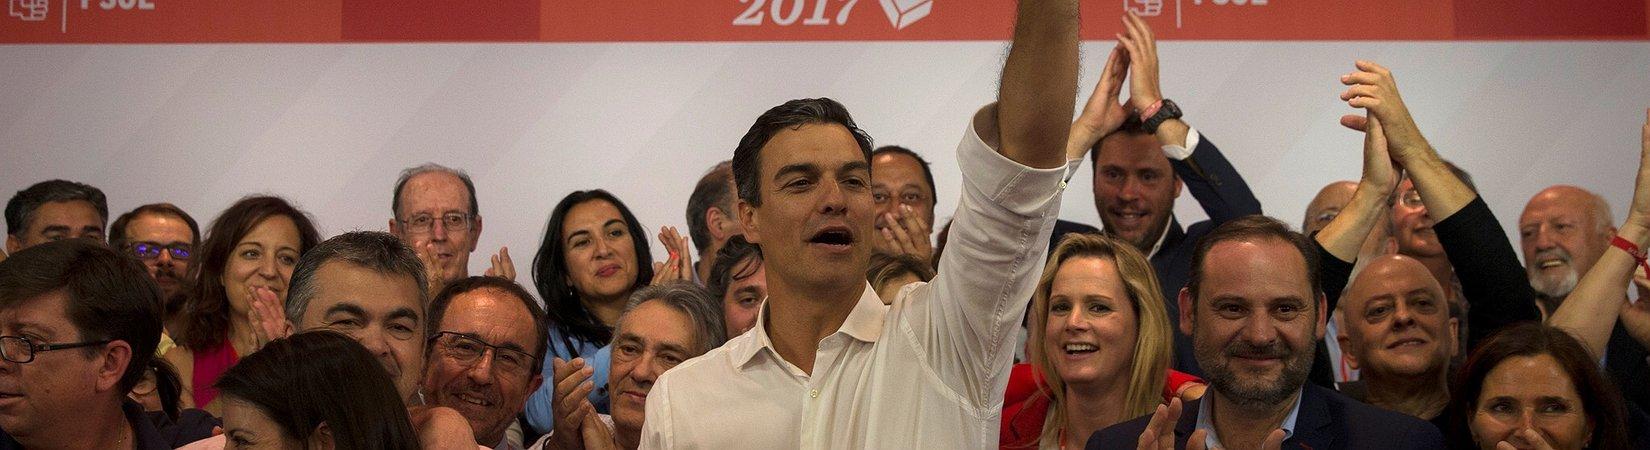 Sánchez vuelve a convertirse en secretario general del PSOE